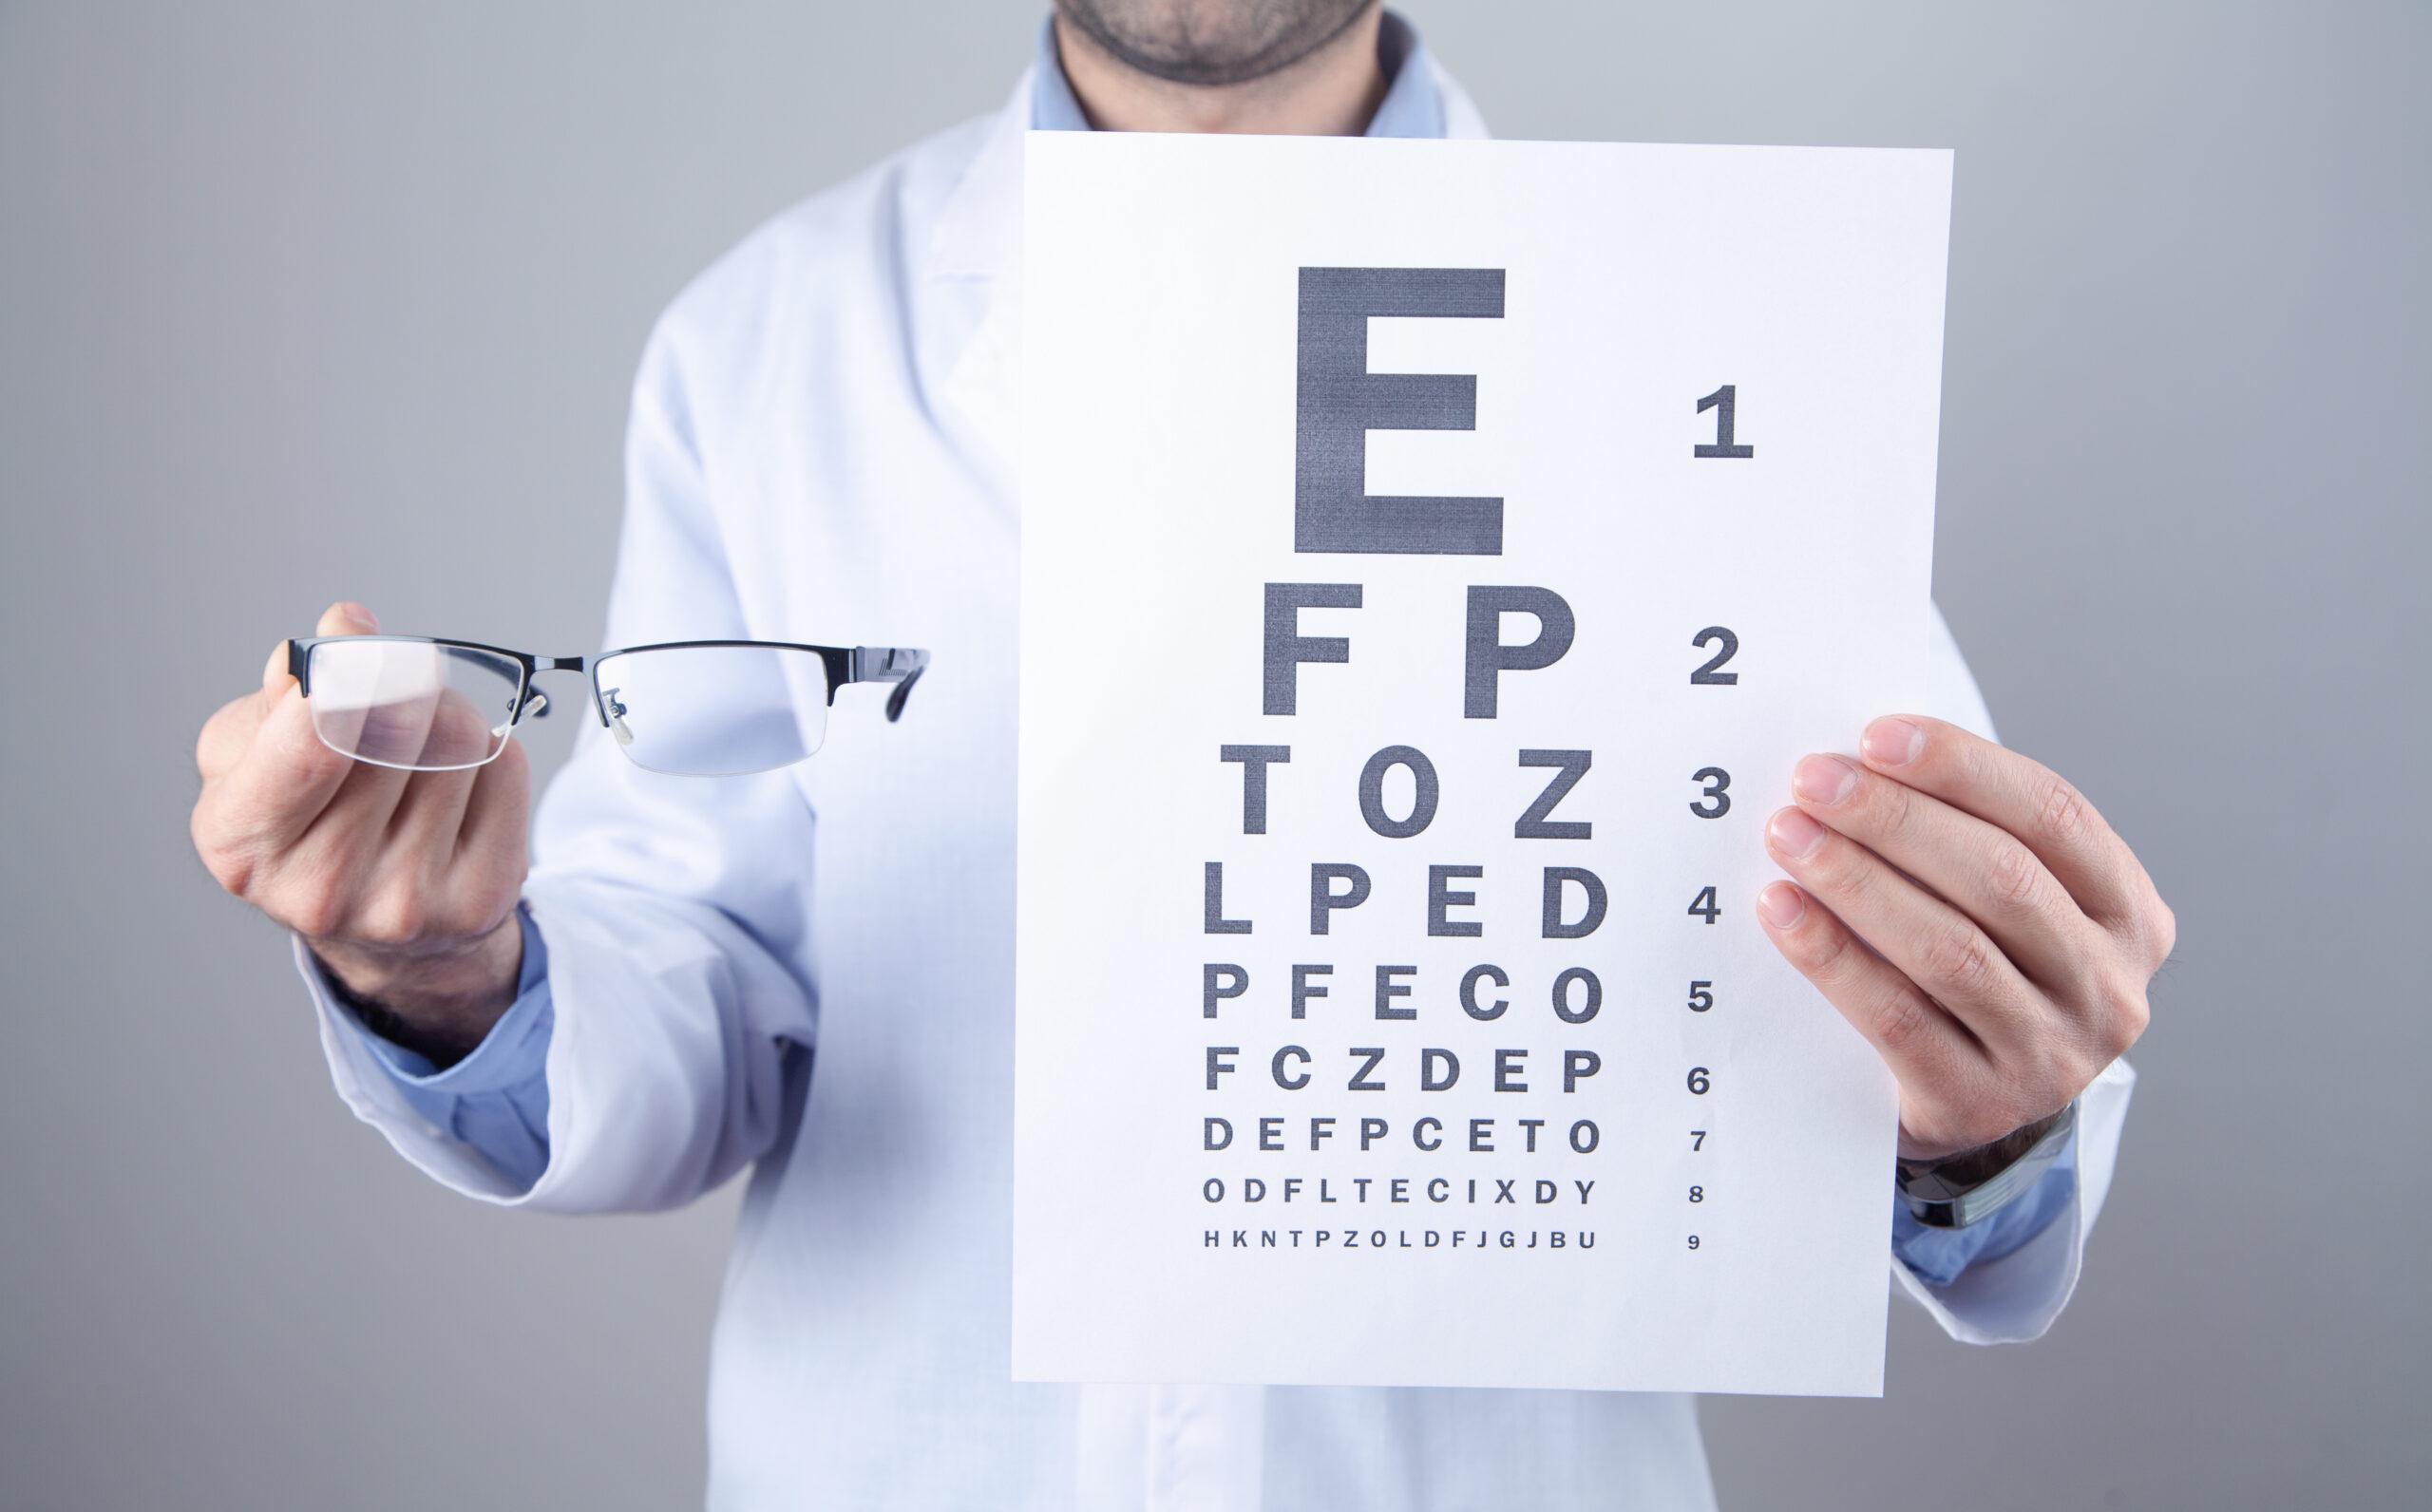 Someterse a una revisión de la vista anual permite detectar a tiempo problemas de la visión